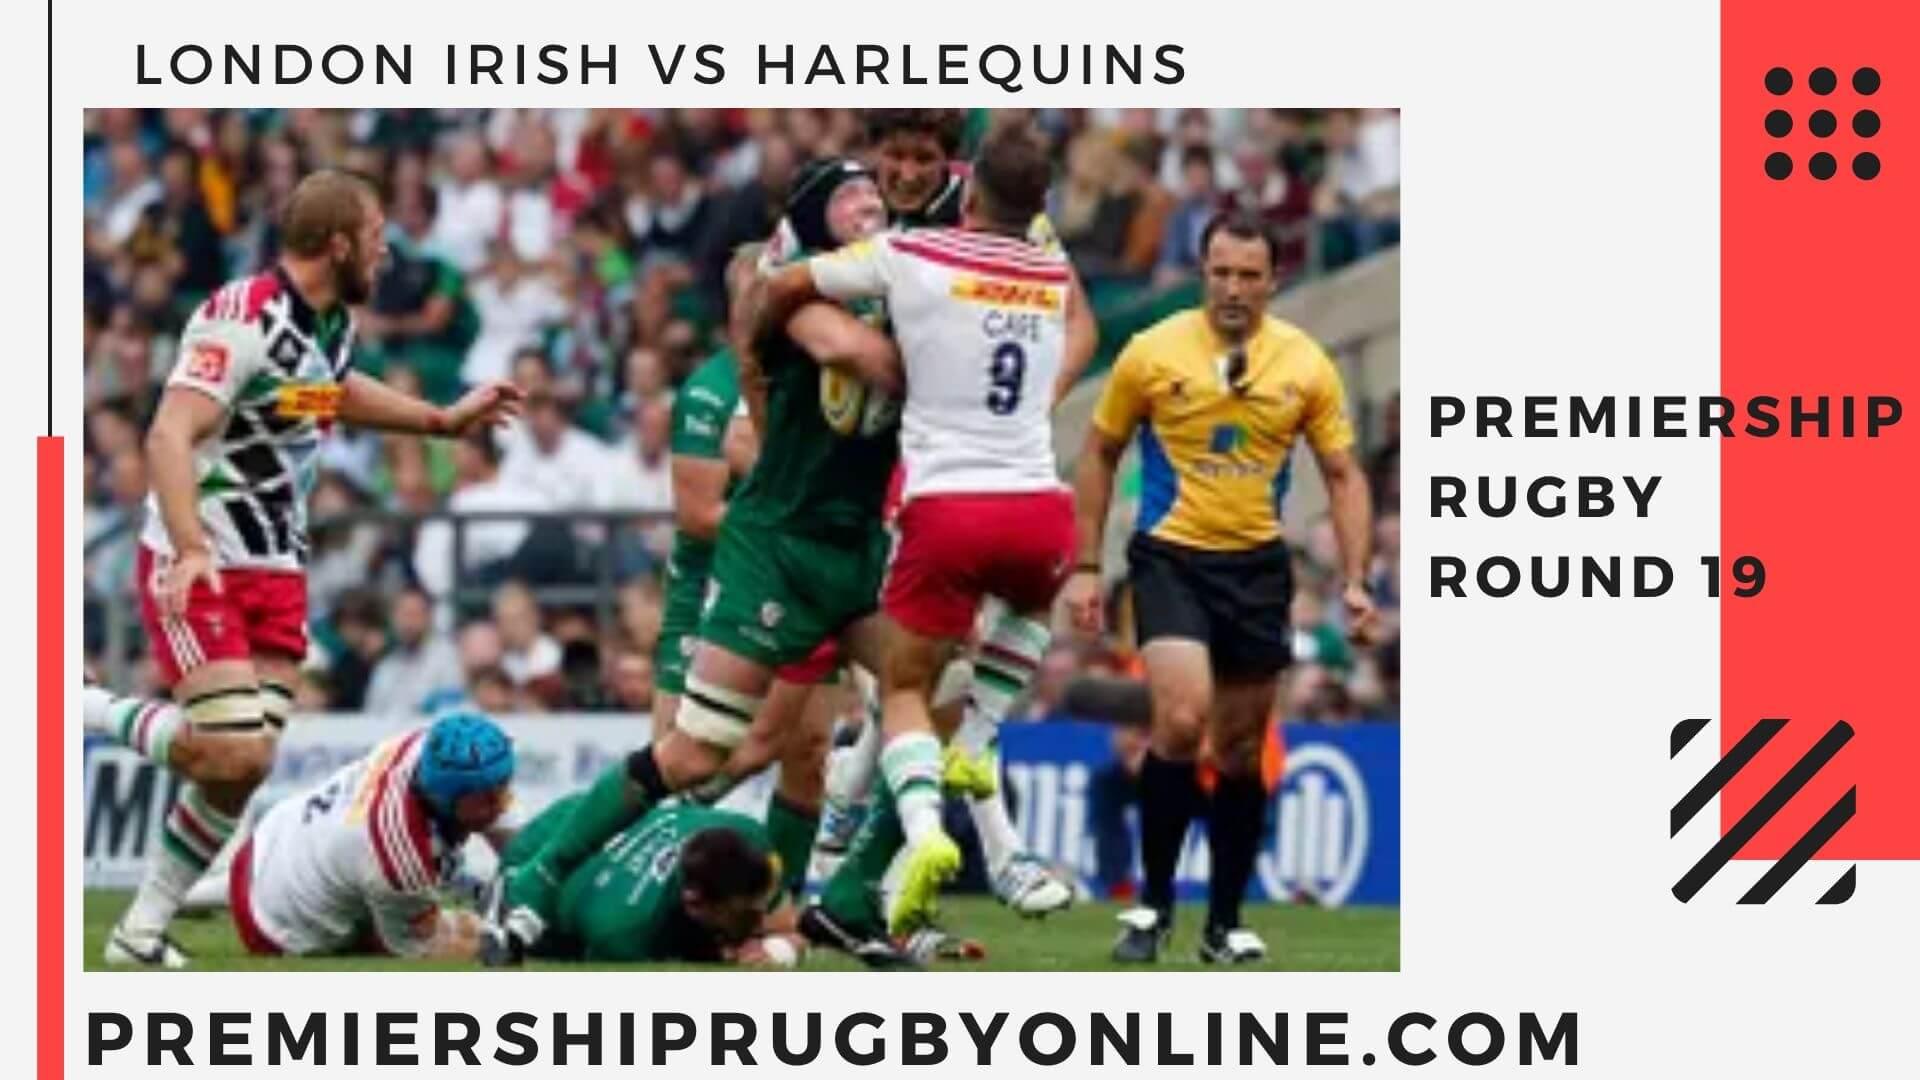 London Irish vs Harlequins live stream   Round 19